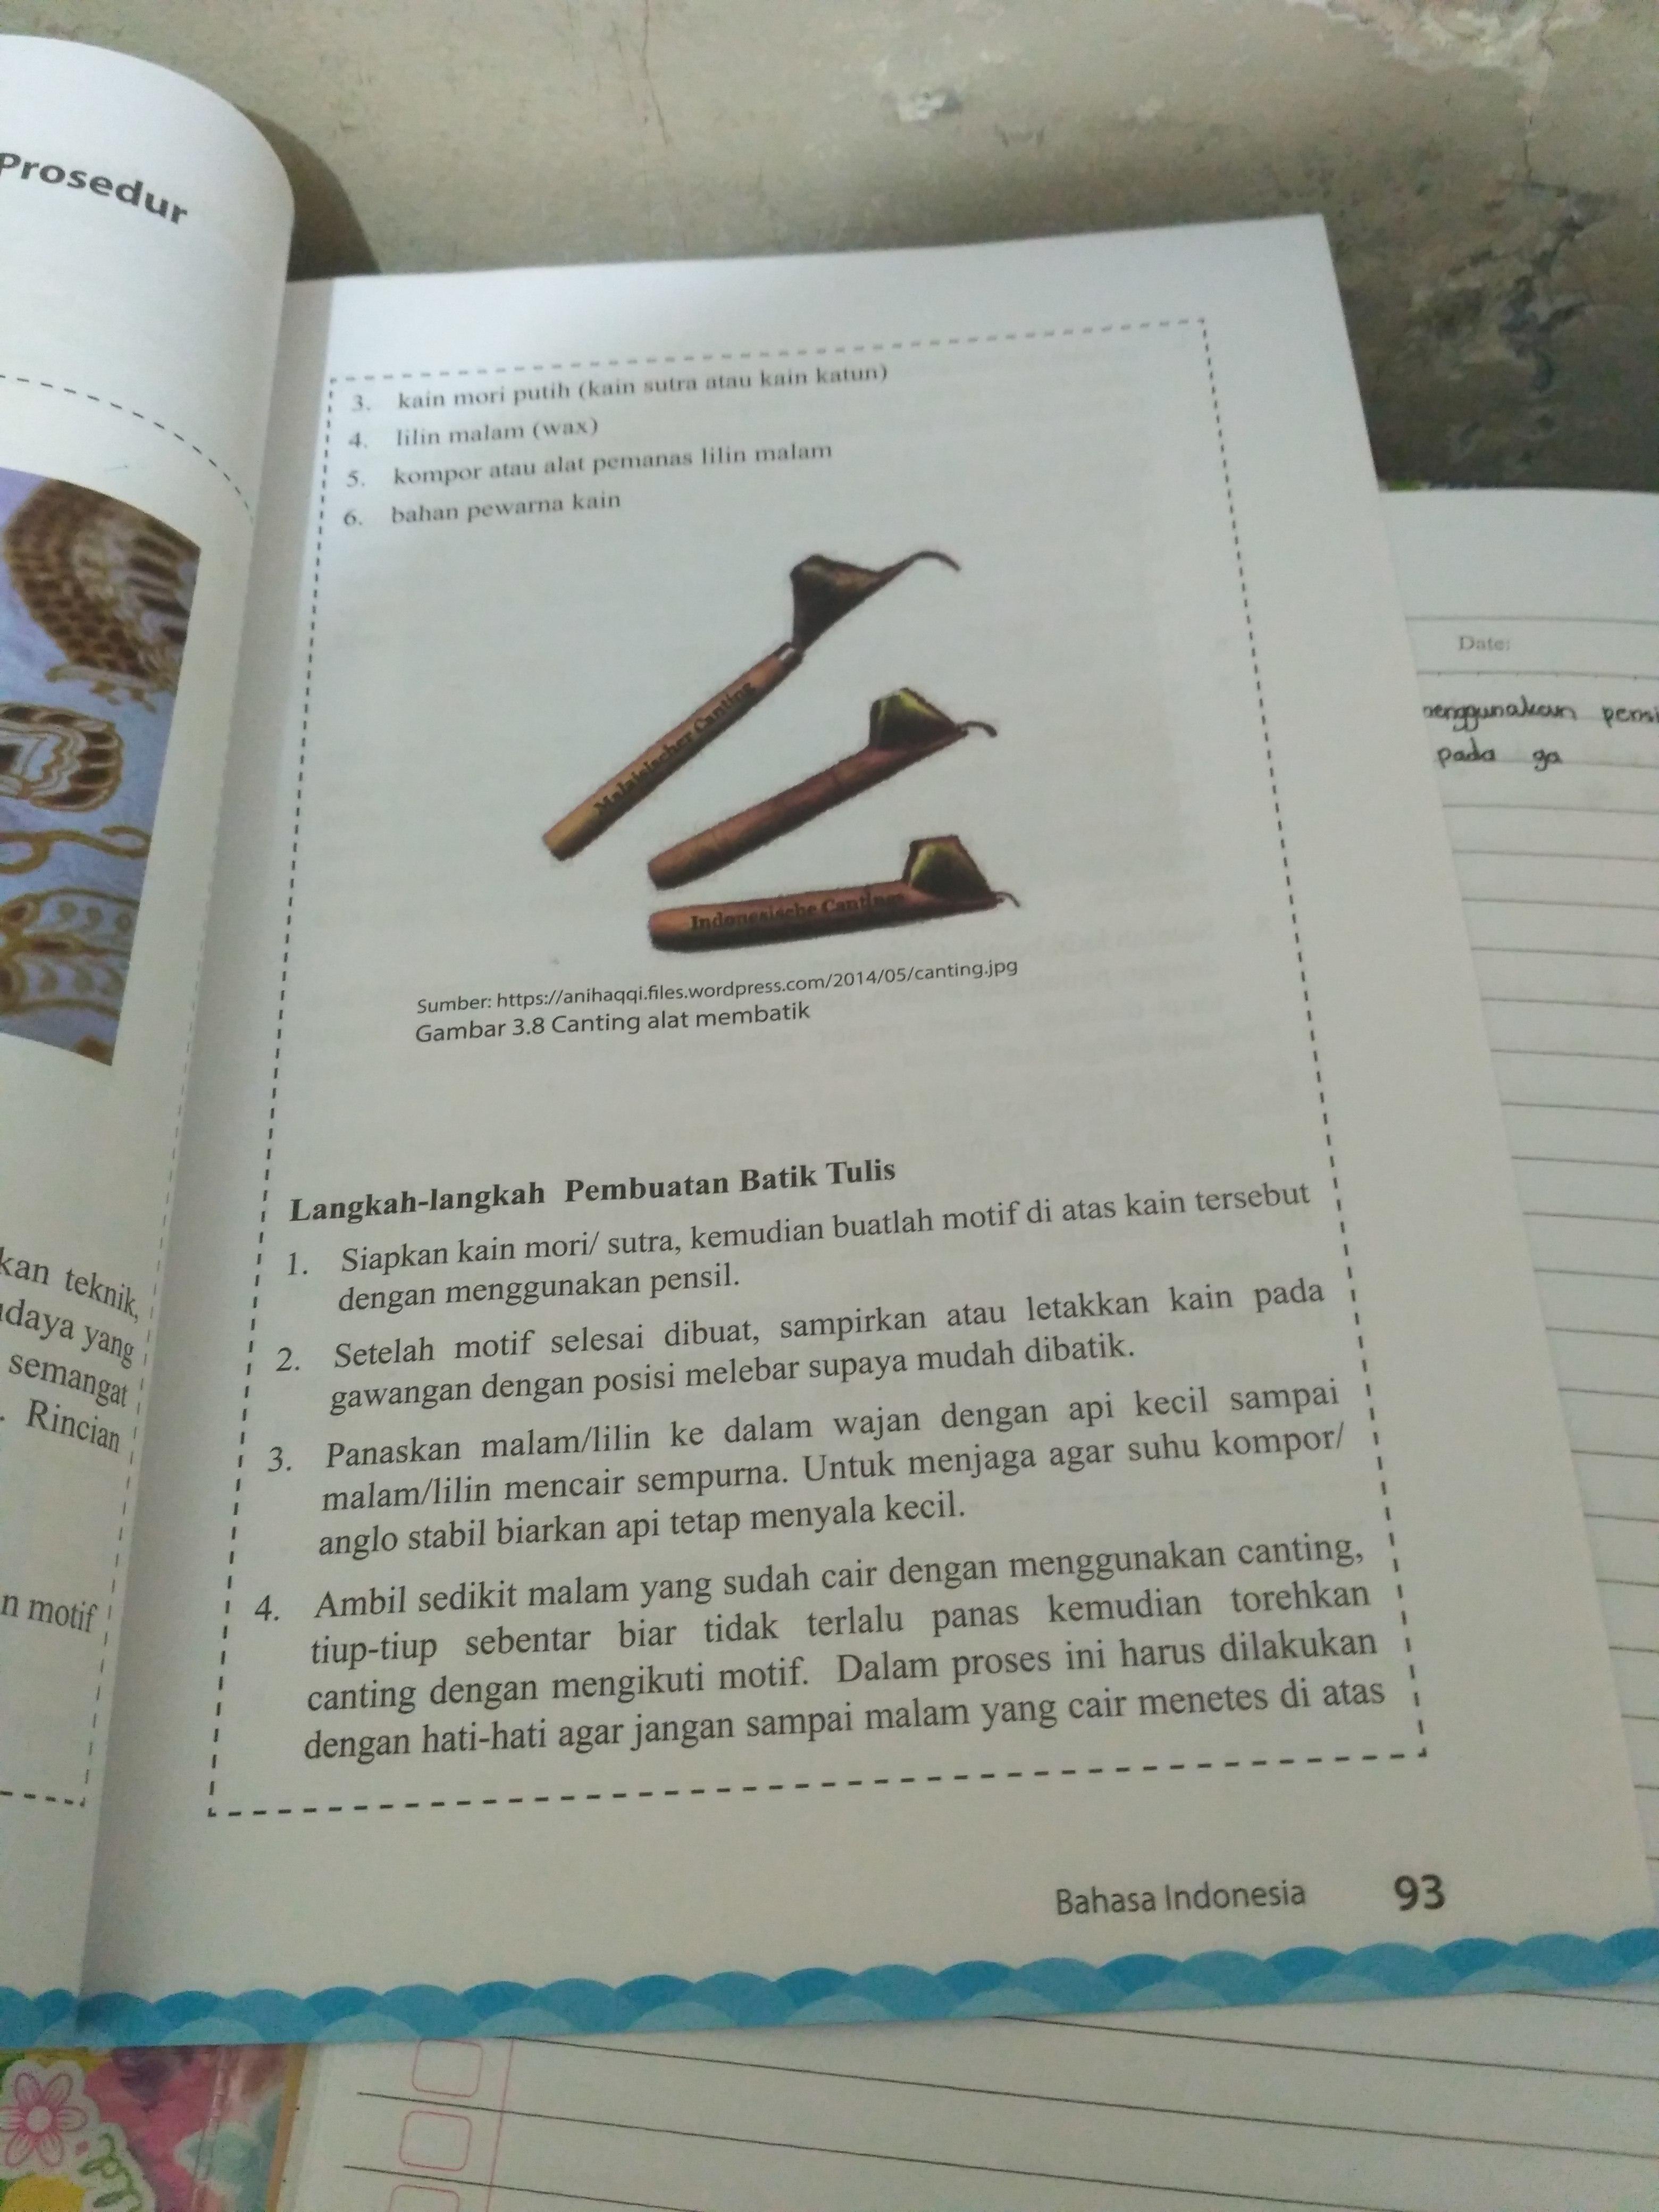 Tahapan Pembuatan Batik Tulis : tahapan, pembuatan, batik, tulis, Membuat, Batik, Tulis